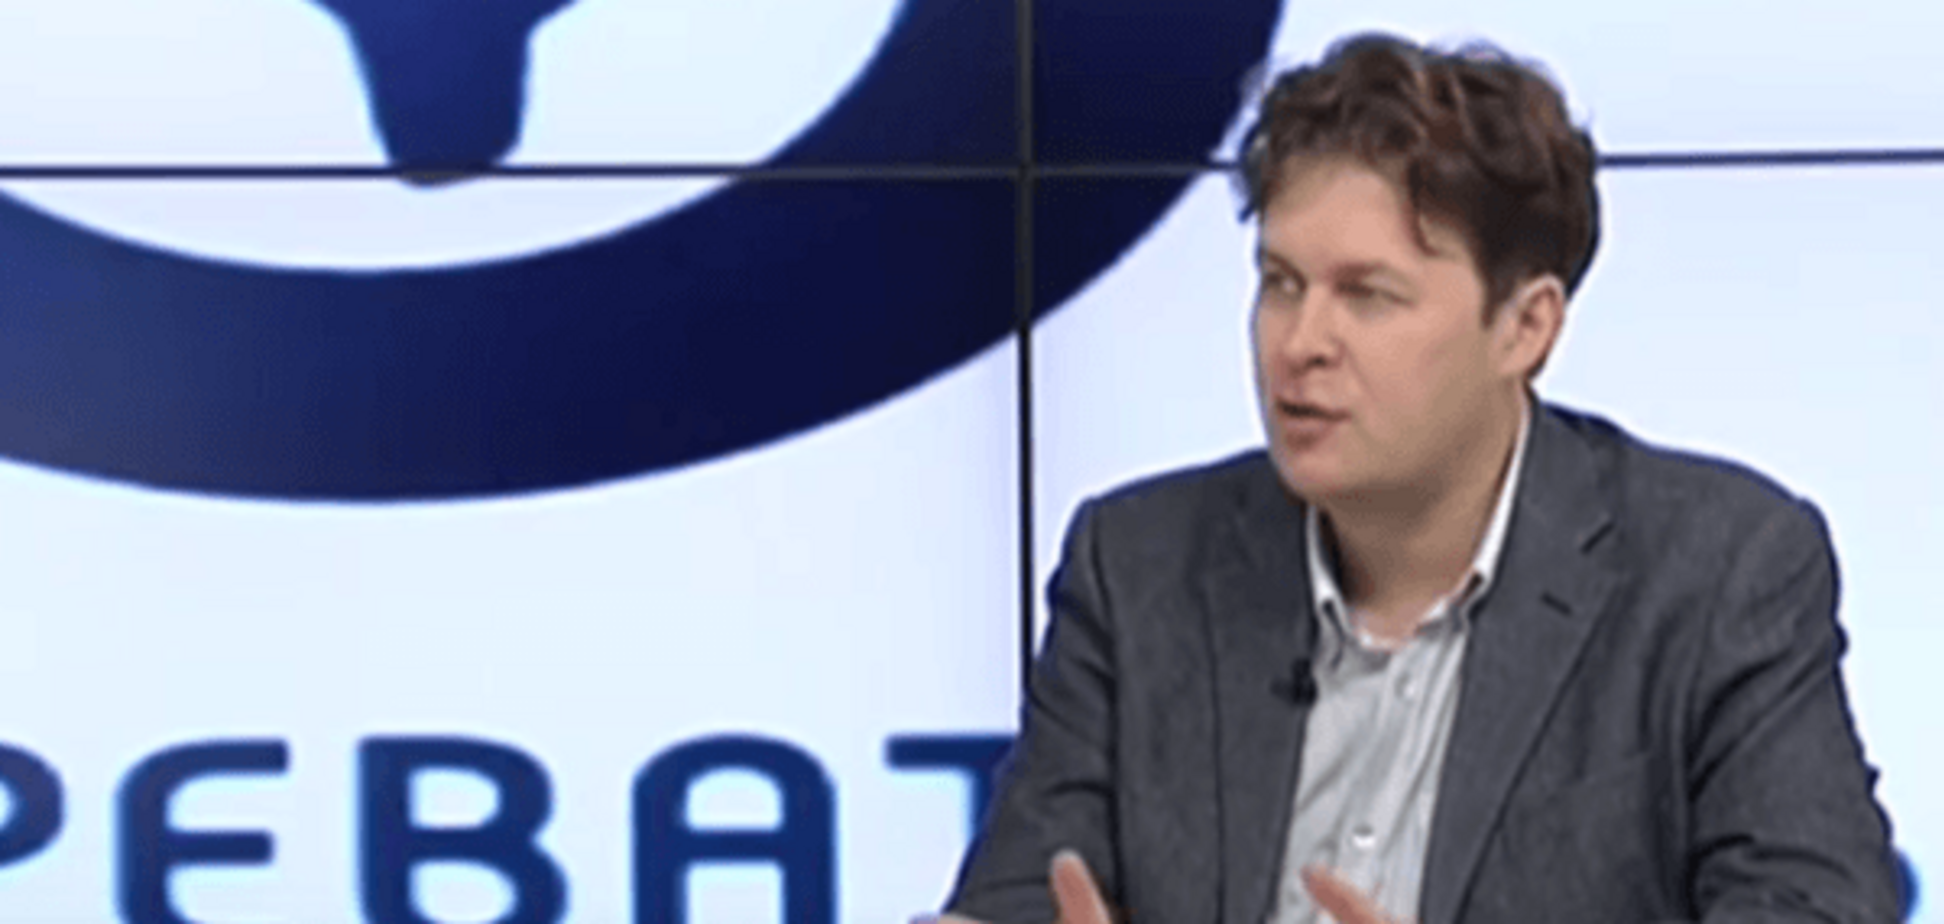 Не Евромайдан: Магда назвал причину оккупации Крыма